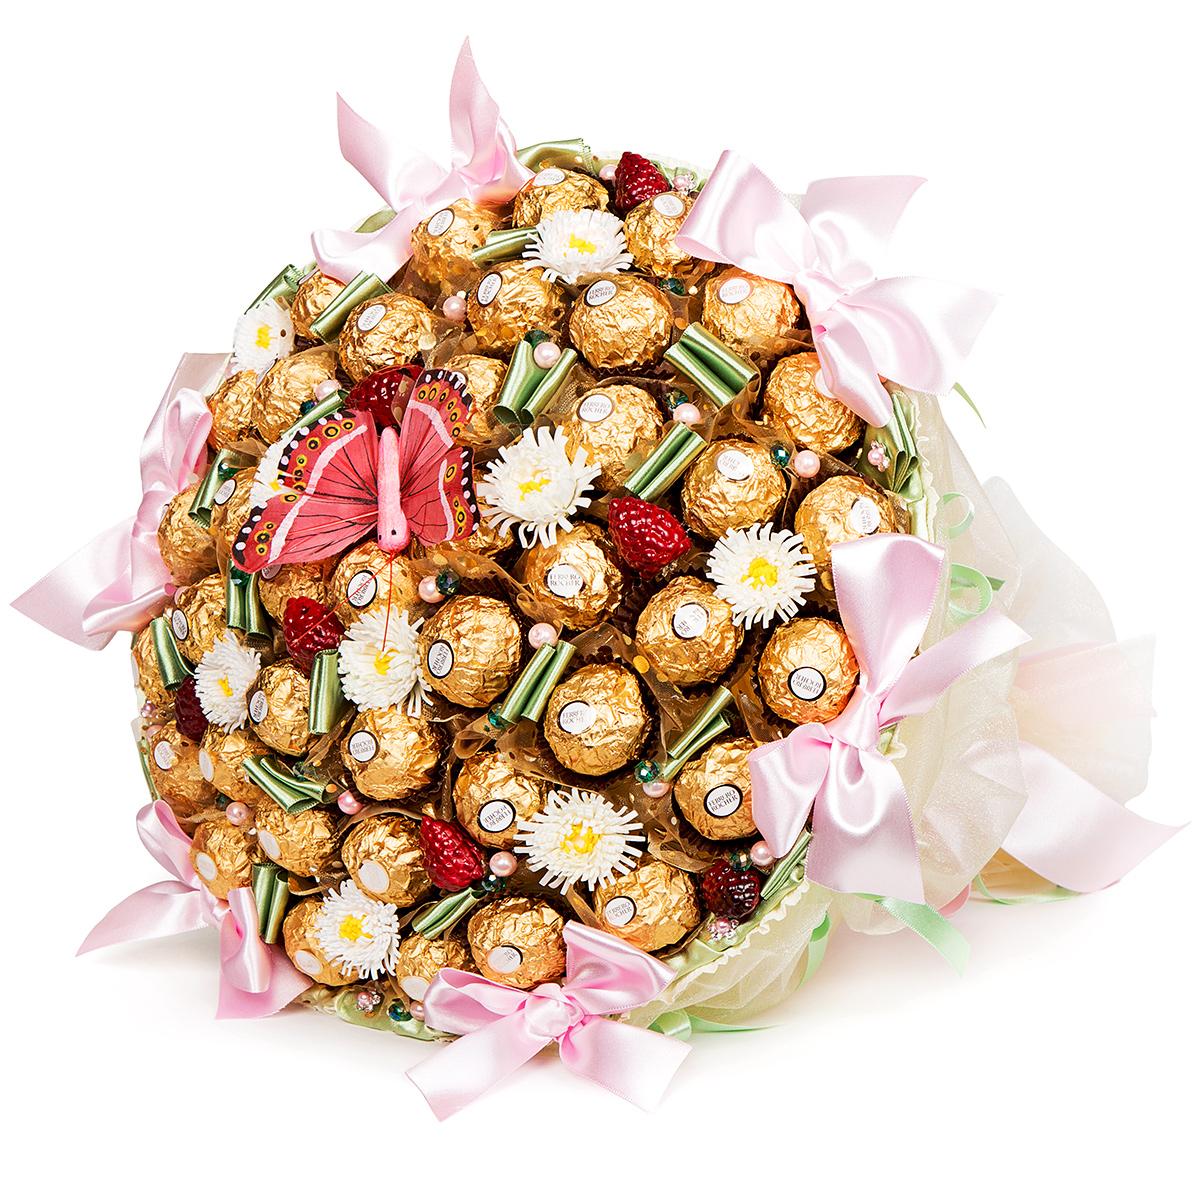 поздравления к подарку конфетный букет керхер